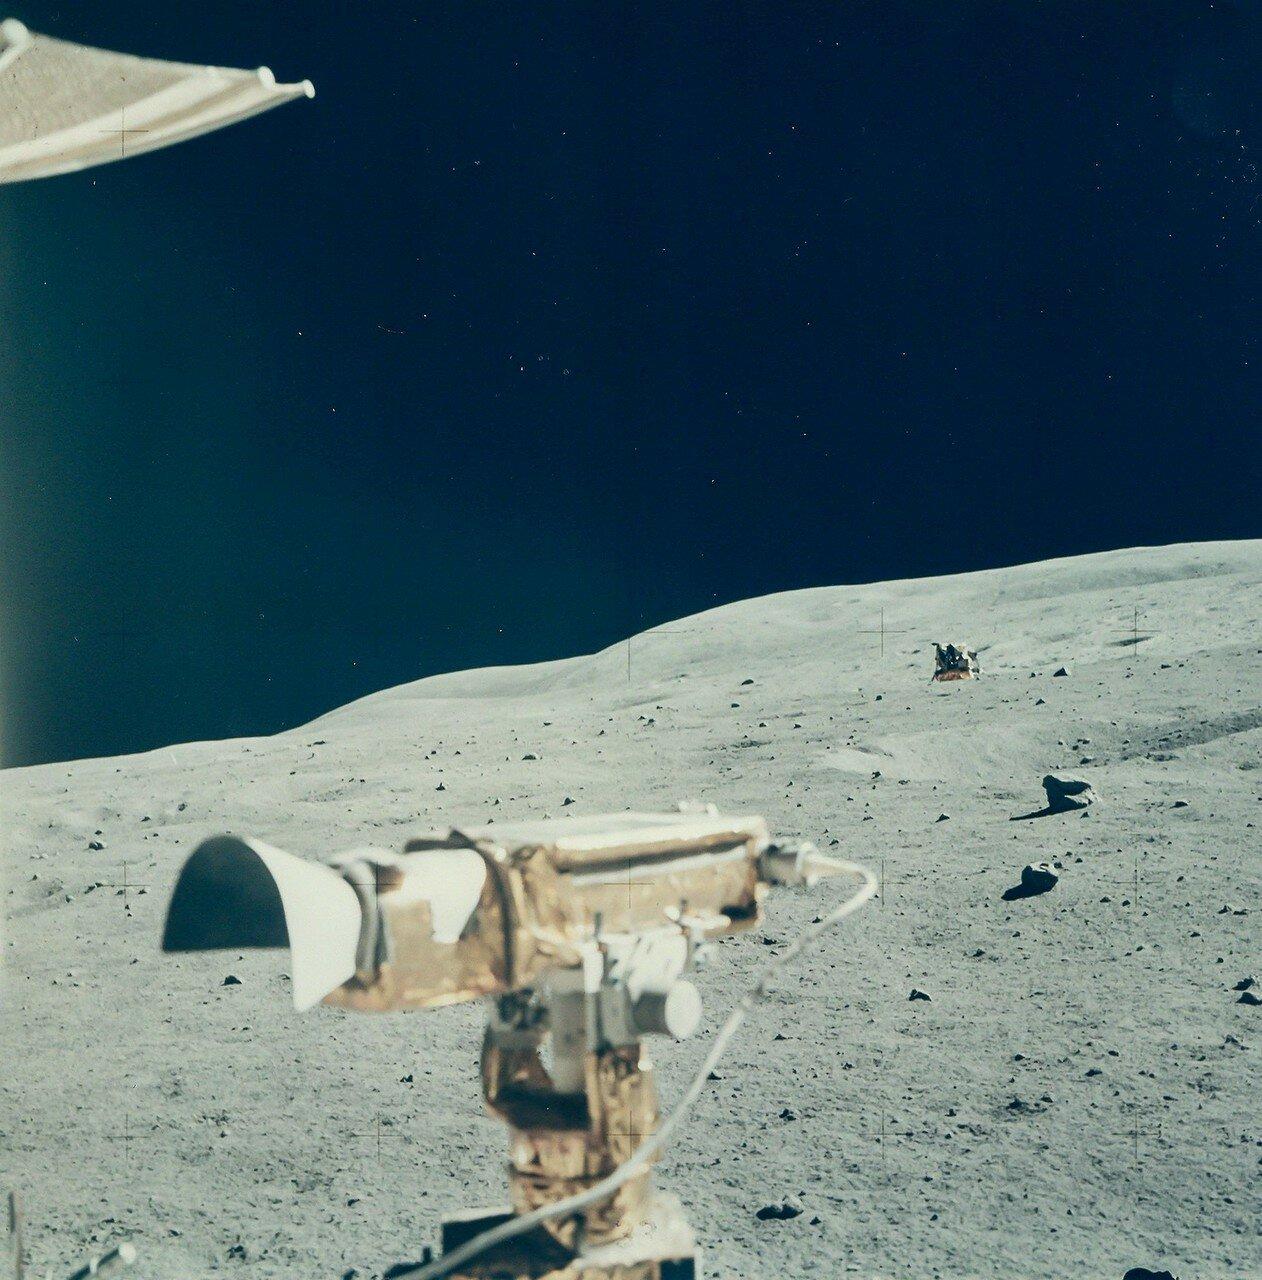 Первая ВКД продолжалась 7 часов 11 минут 2 секунды. Астронавты проехали на «Ровере» 4,2 км. Луномобиль находился в движении в общей сложности 43 минуты и стоял на всех остановках. На снимке: Место посадки ЛМ